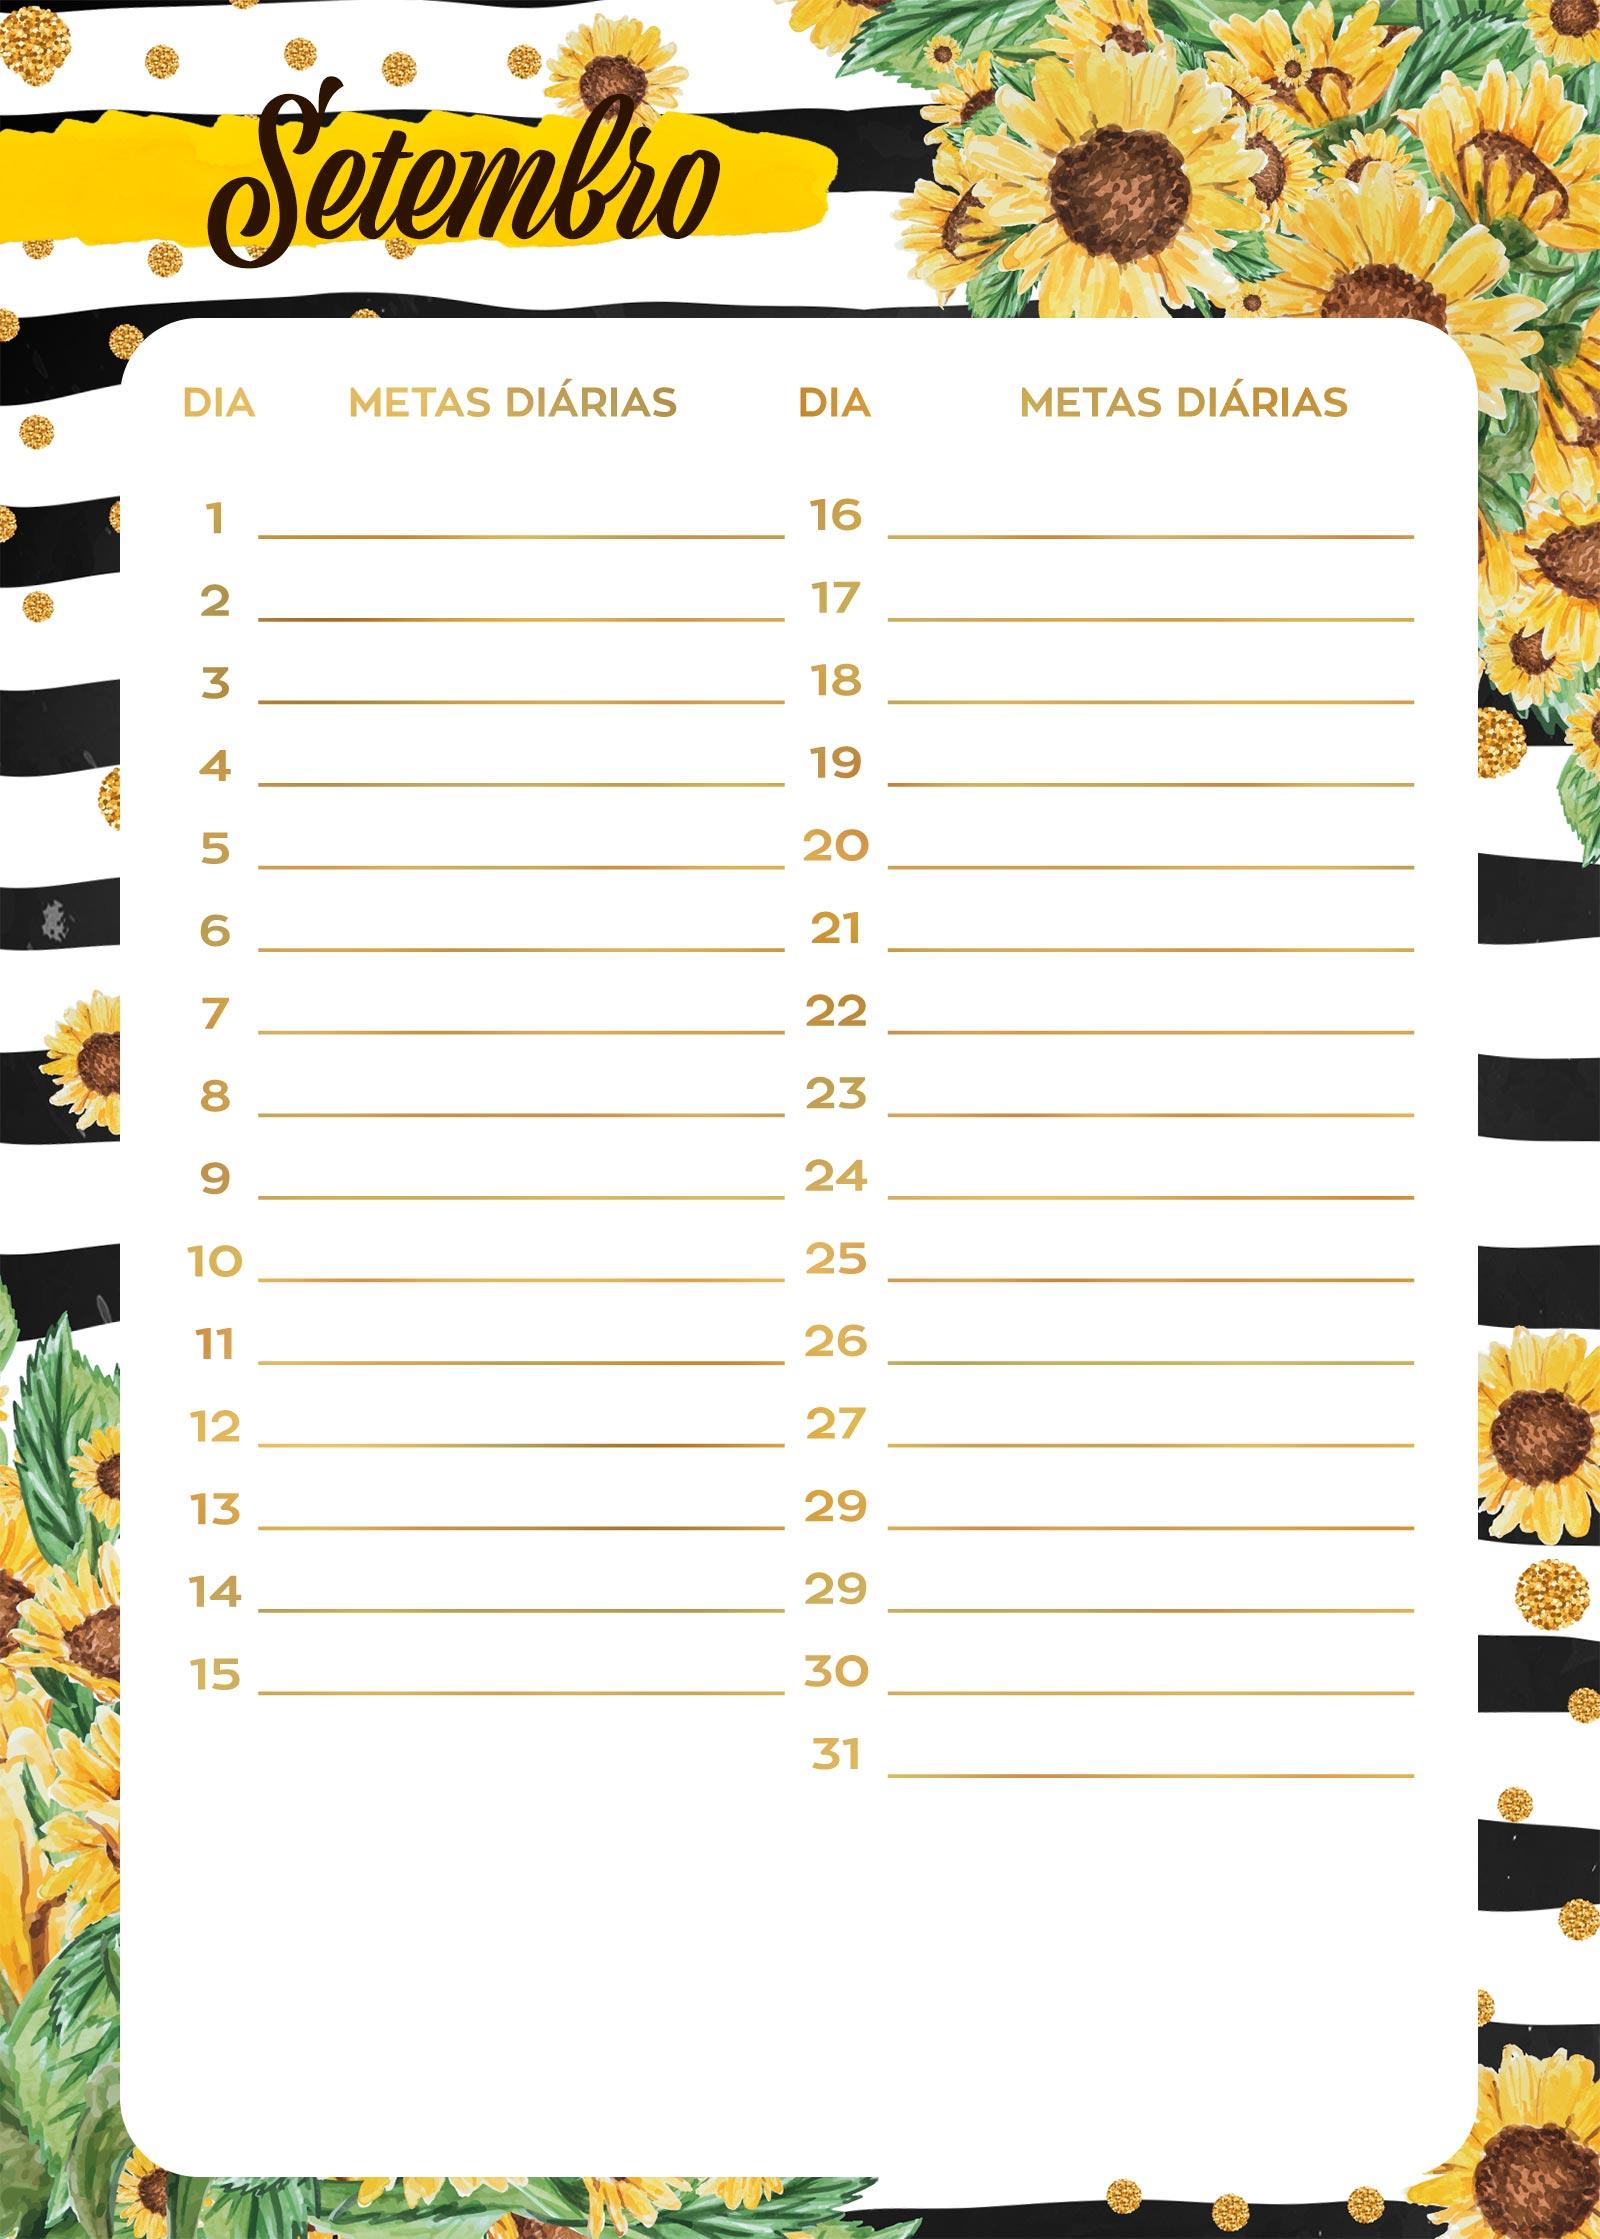 Planner Girassol metas diarias setembro